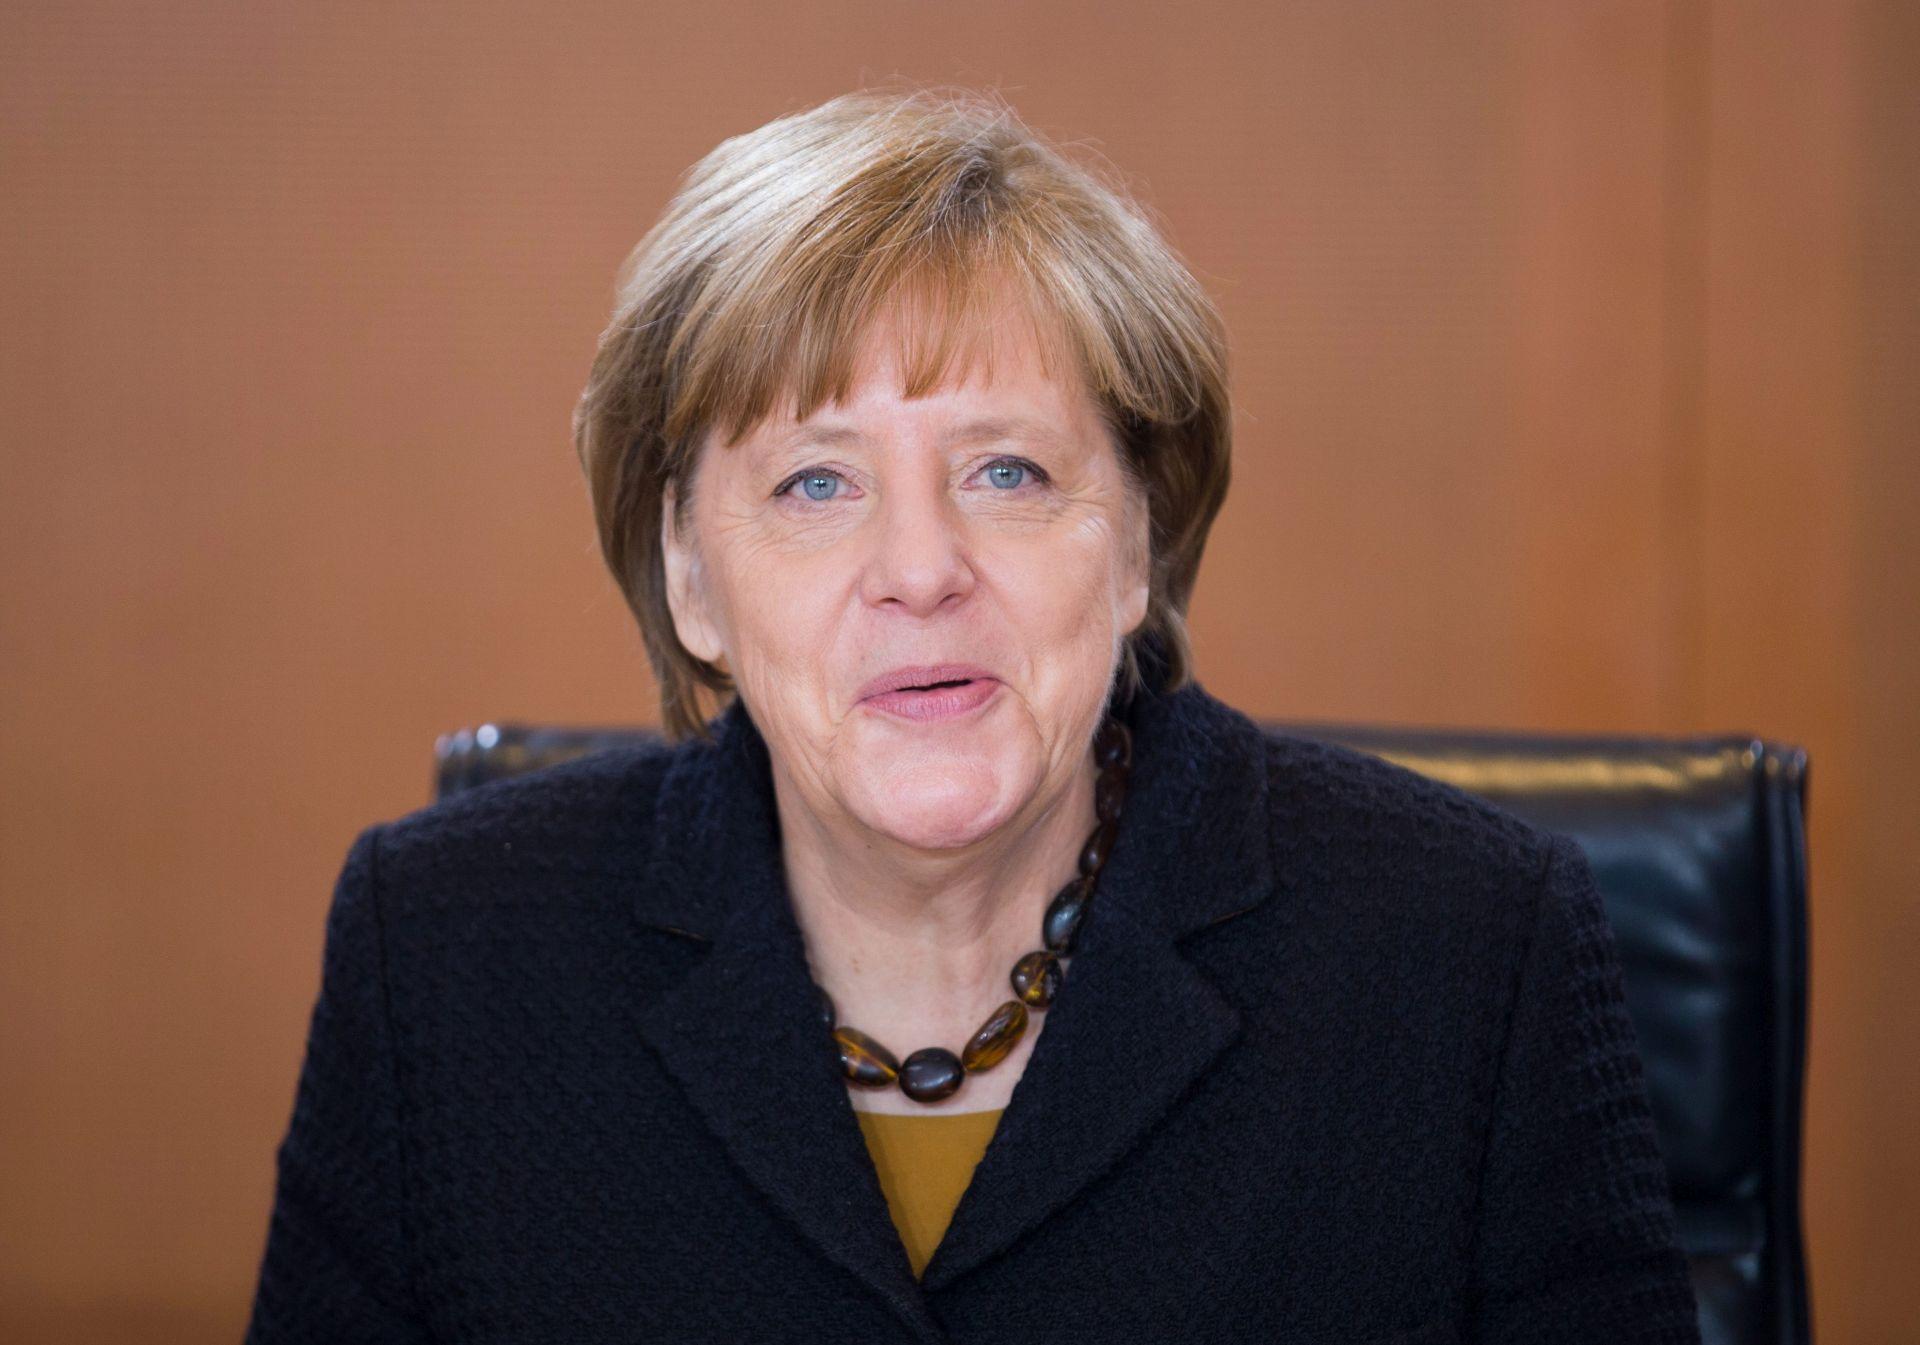 ANKETA Socijaldemokrati pretekli Merkeline demokršćane prvi puta u više od 10 godina